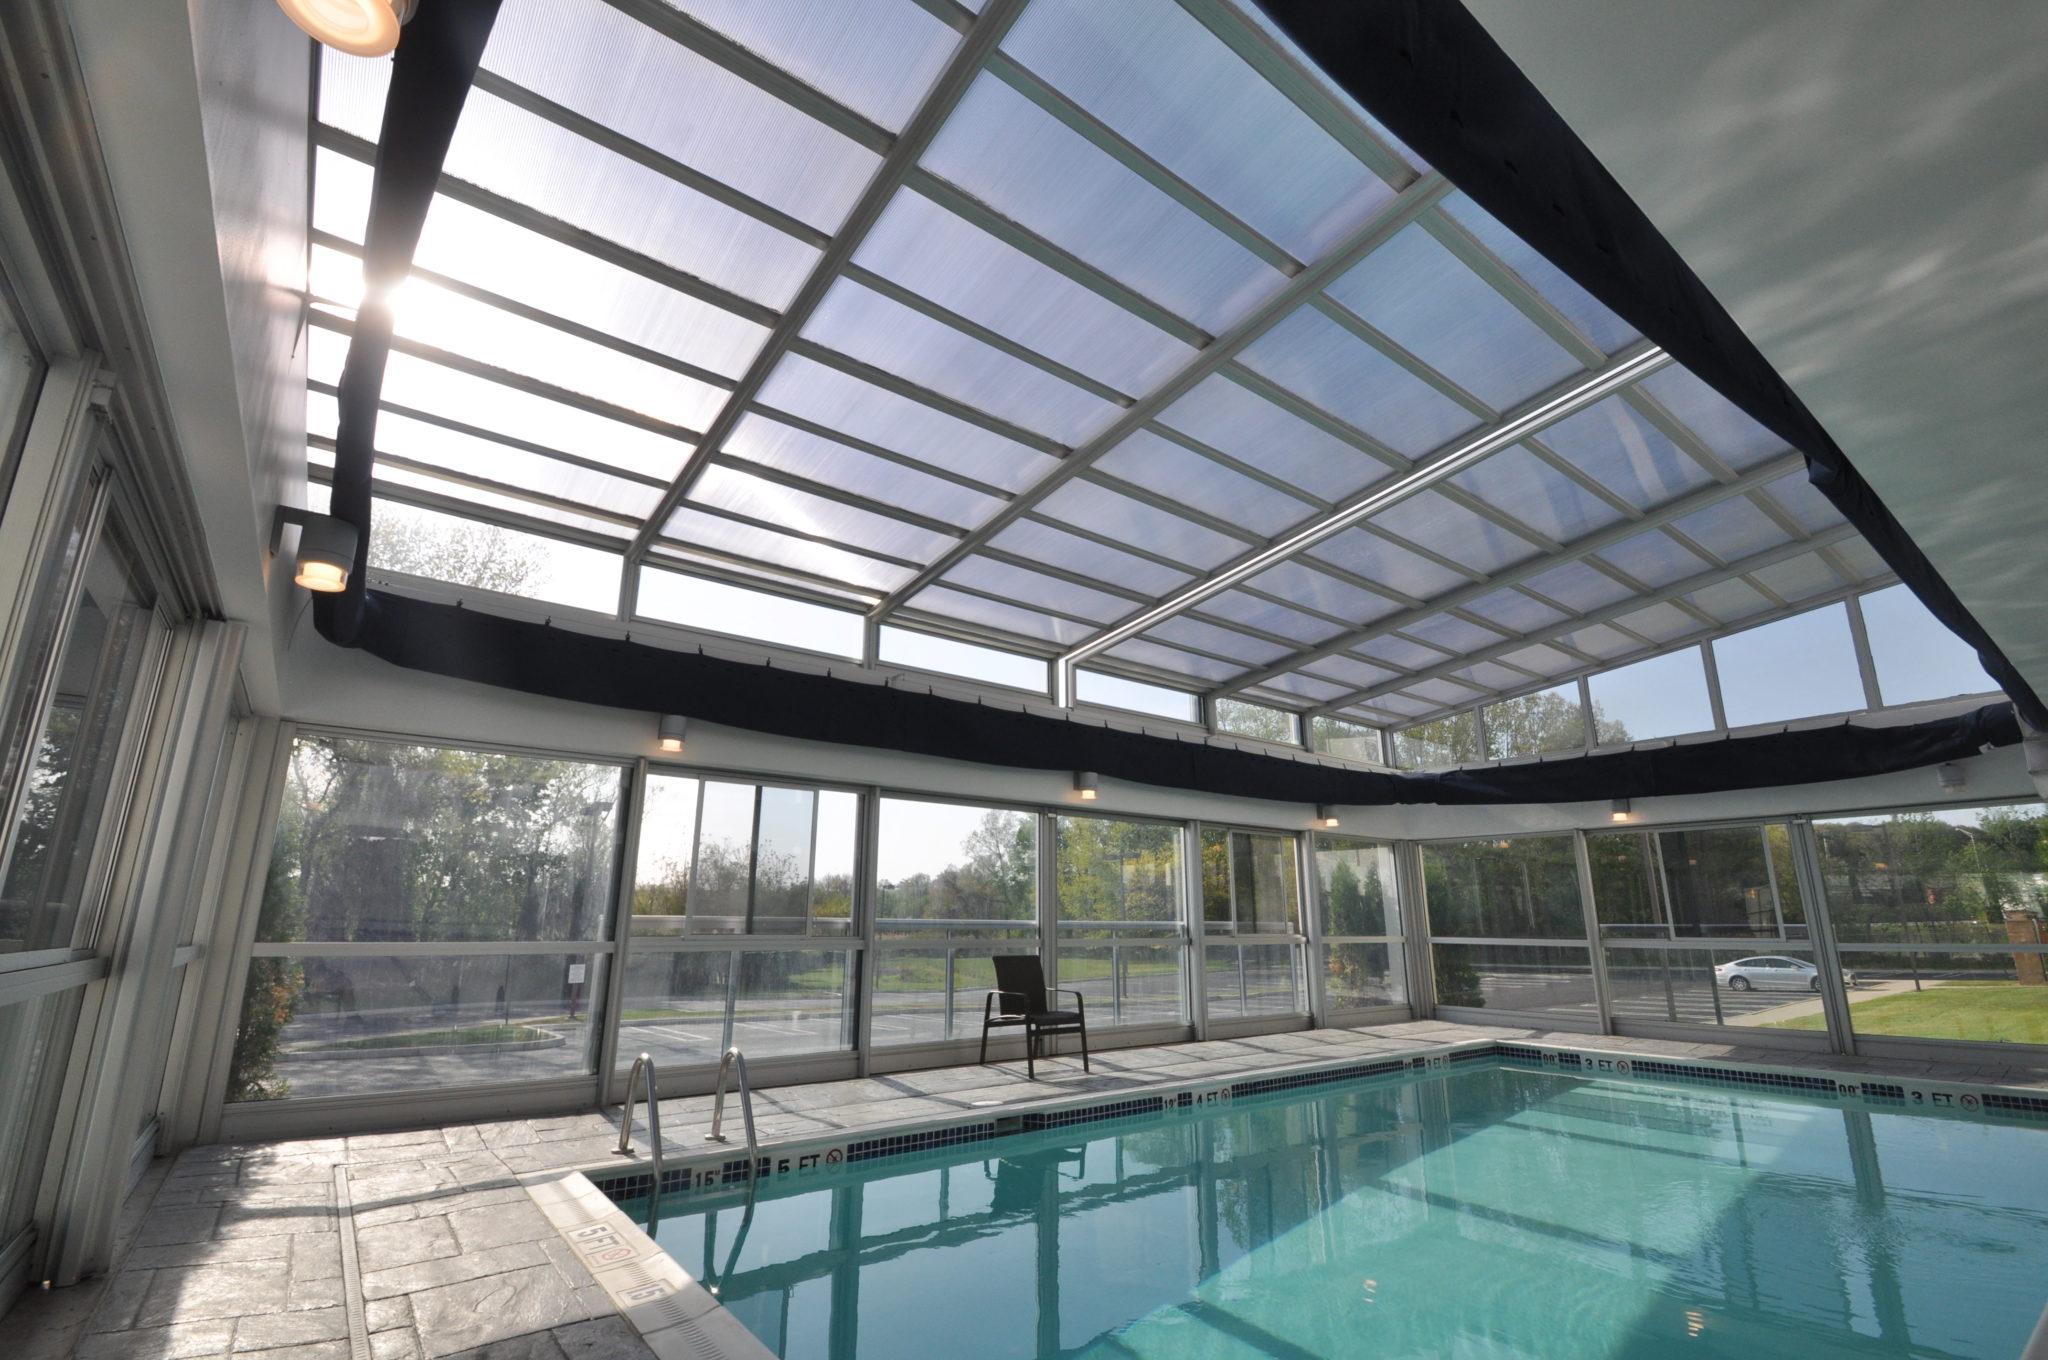 Pool Enclosure 4 - Closed.jpg